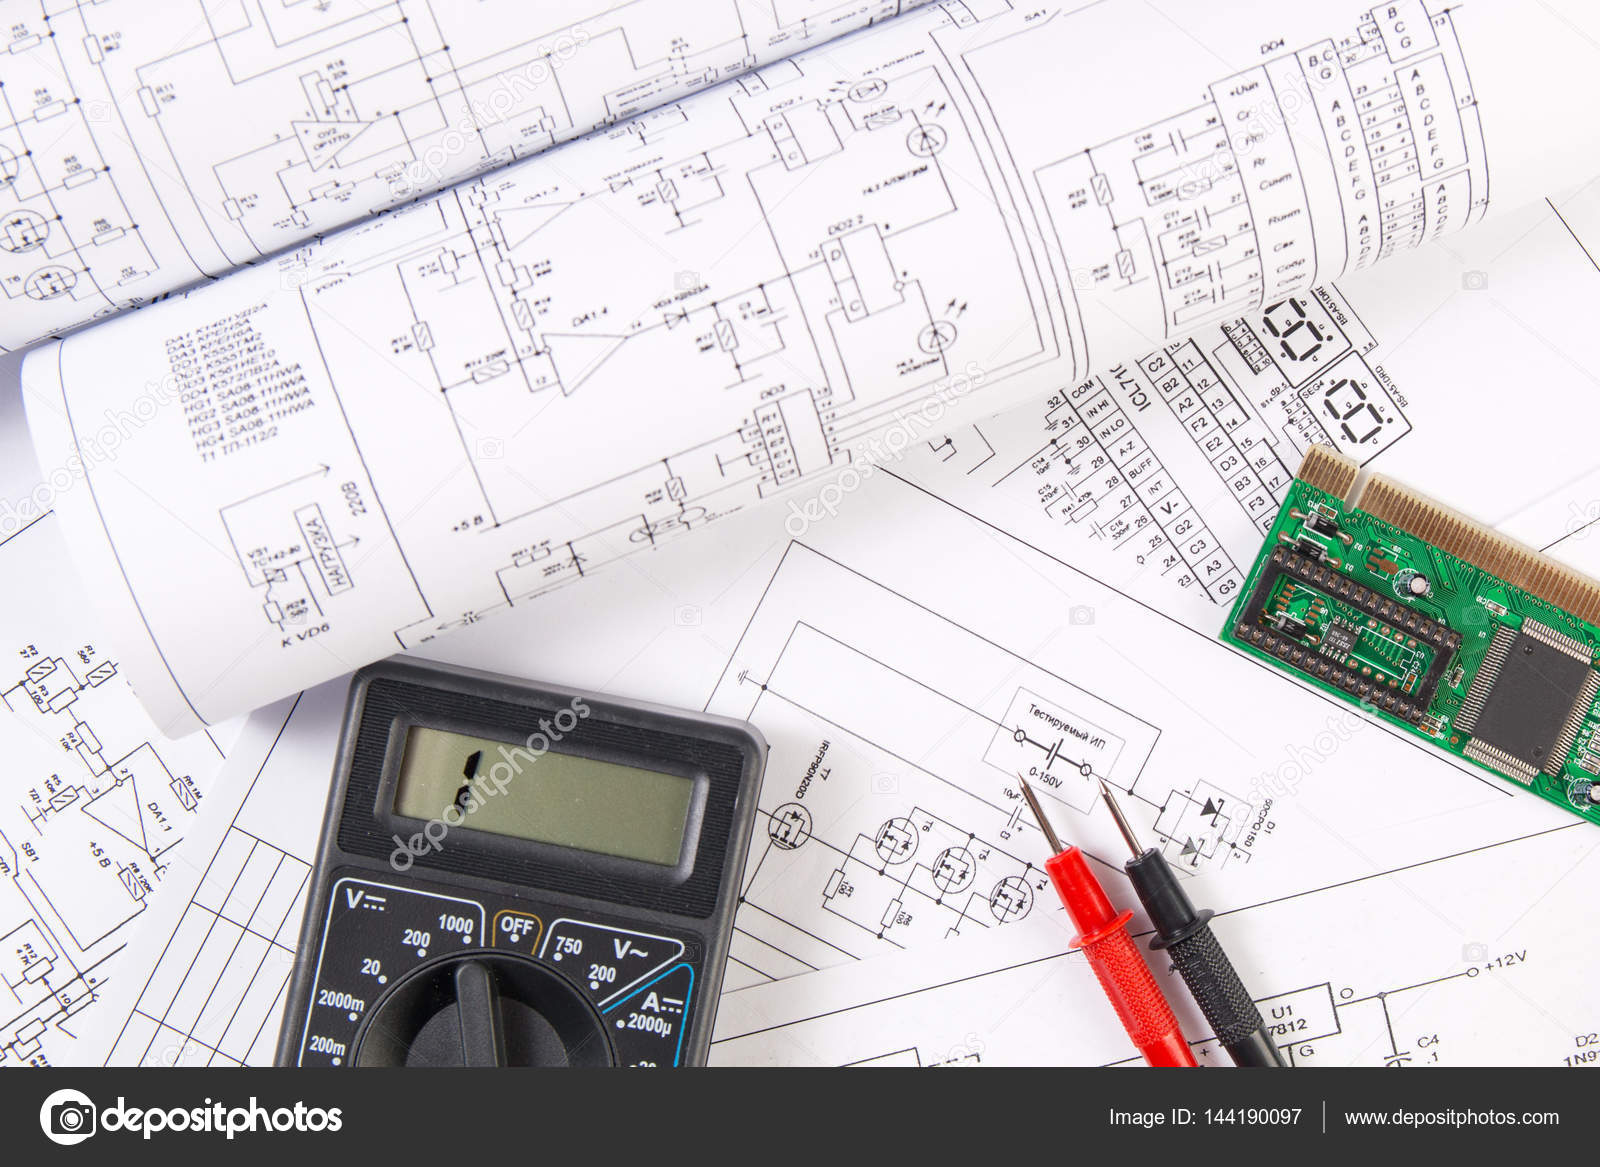 Elektrotechnik-Zeichnungen, Elektronikplatine und digitale mu ...